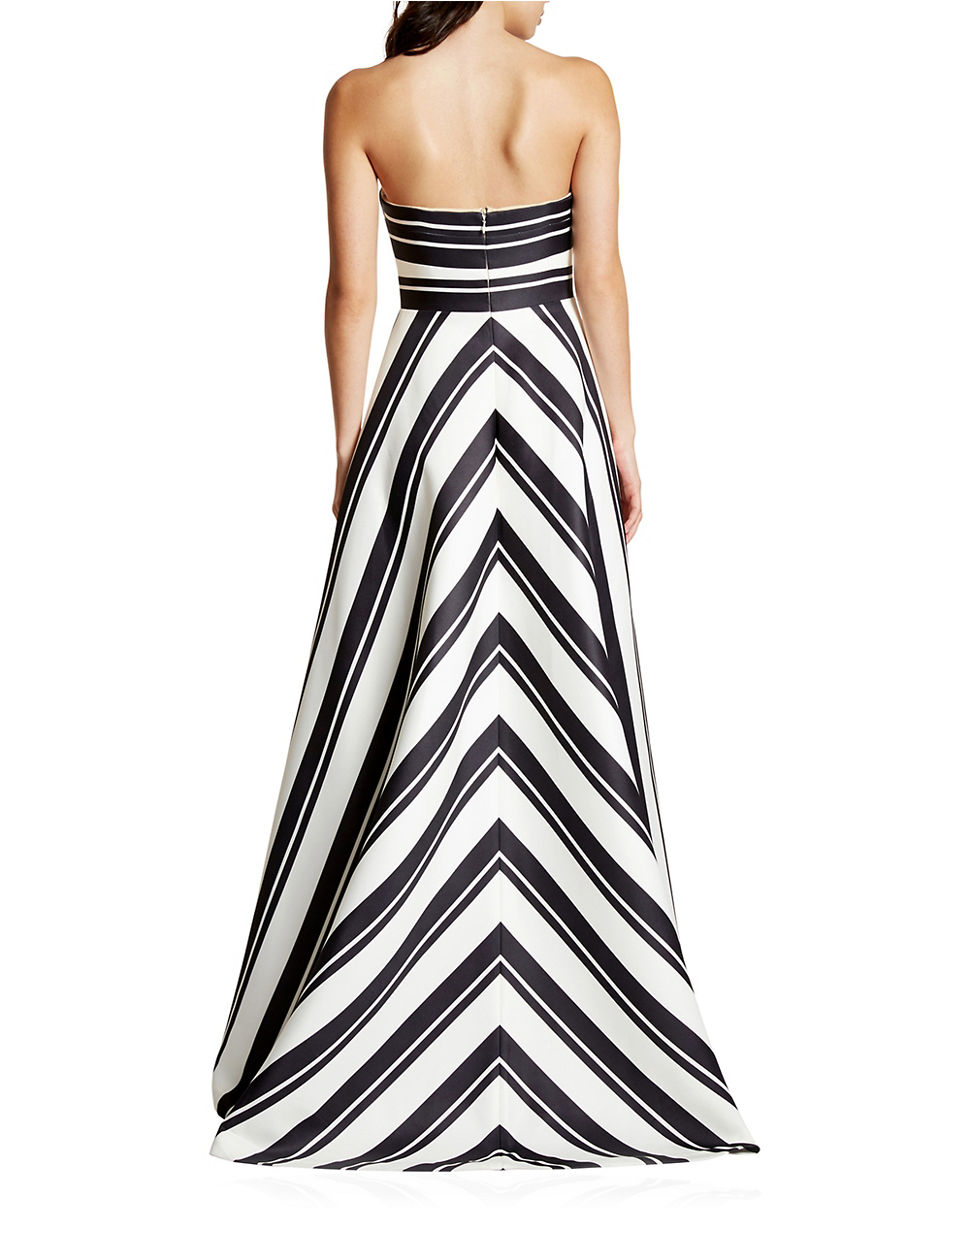 Lyst - Halston Strapless Variegated Stripe Gown in Black